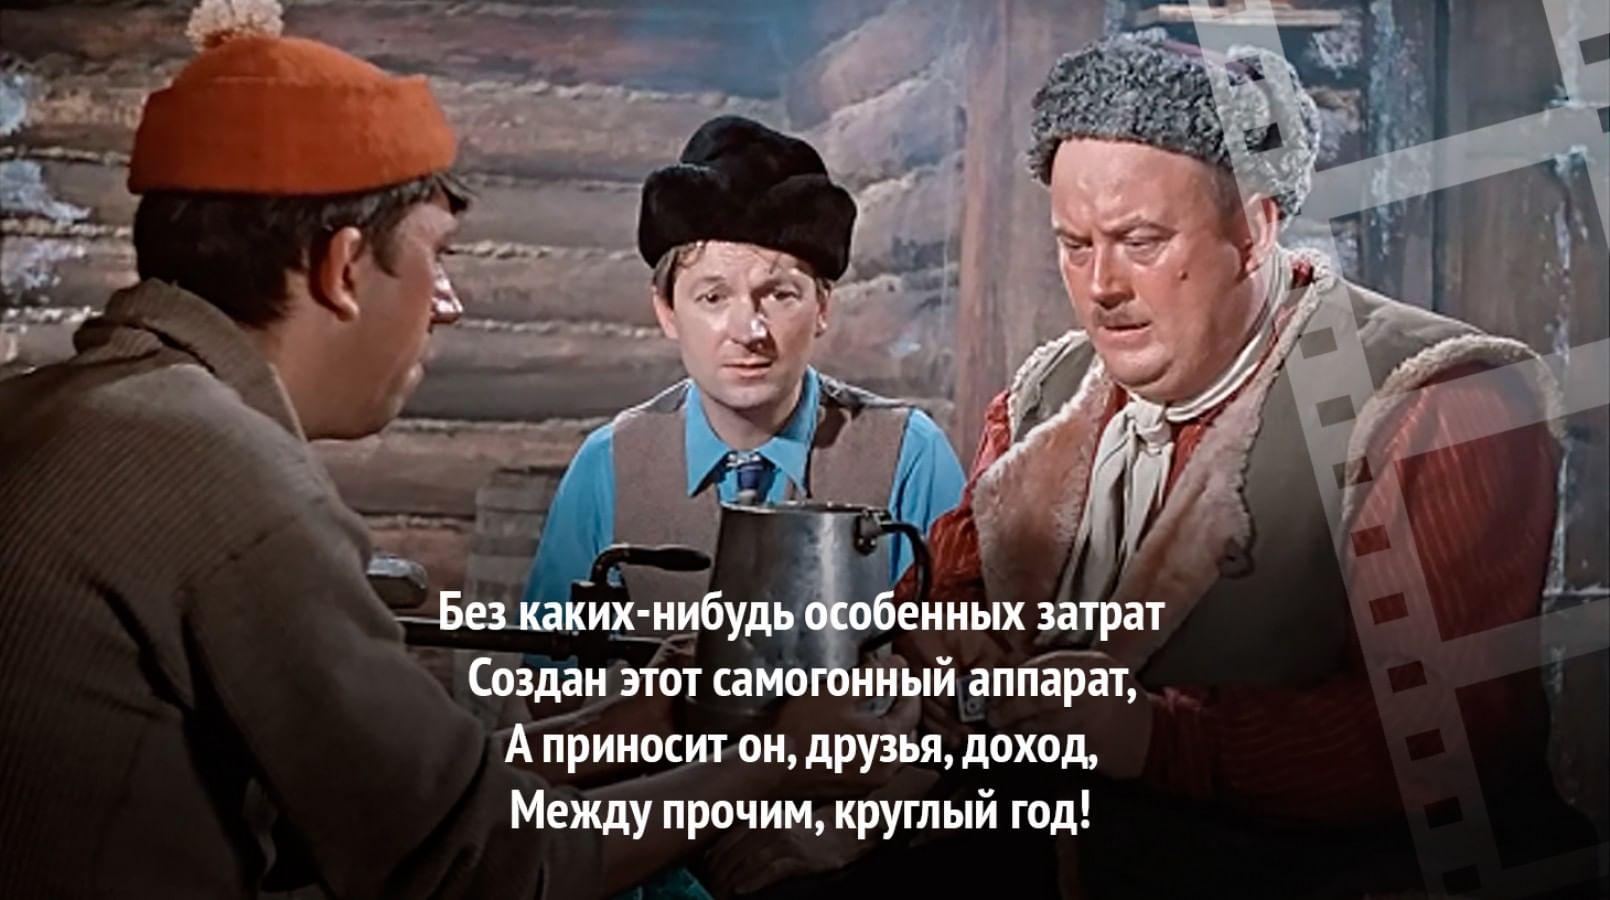 Трус, Балбес и Бывалый гнали самогон.